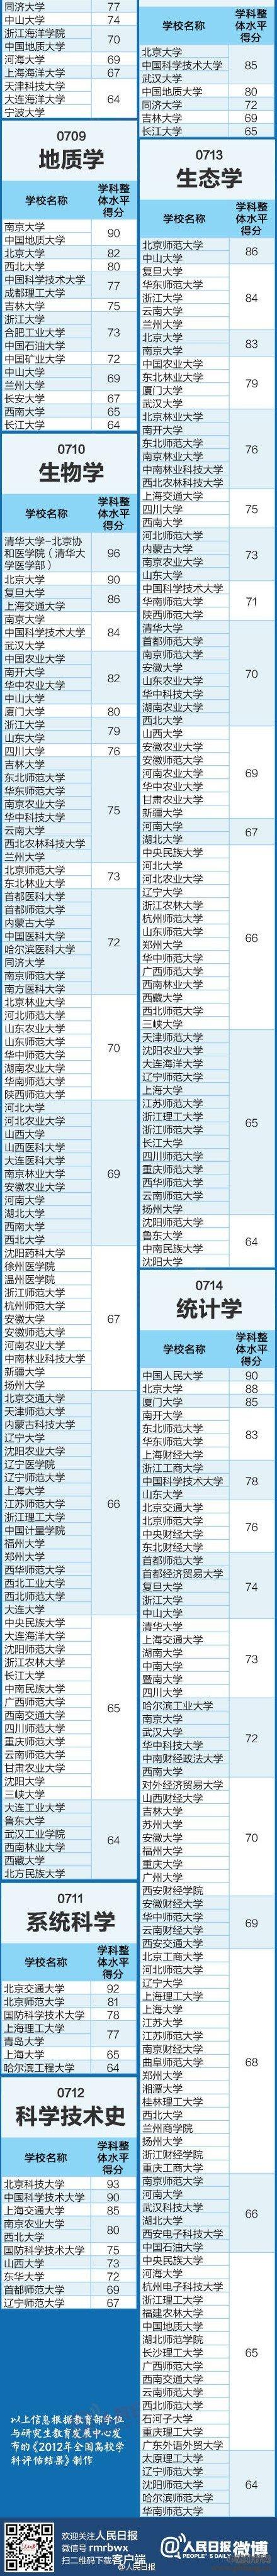 全国高校学科排行榜榜单一览(理学)